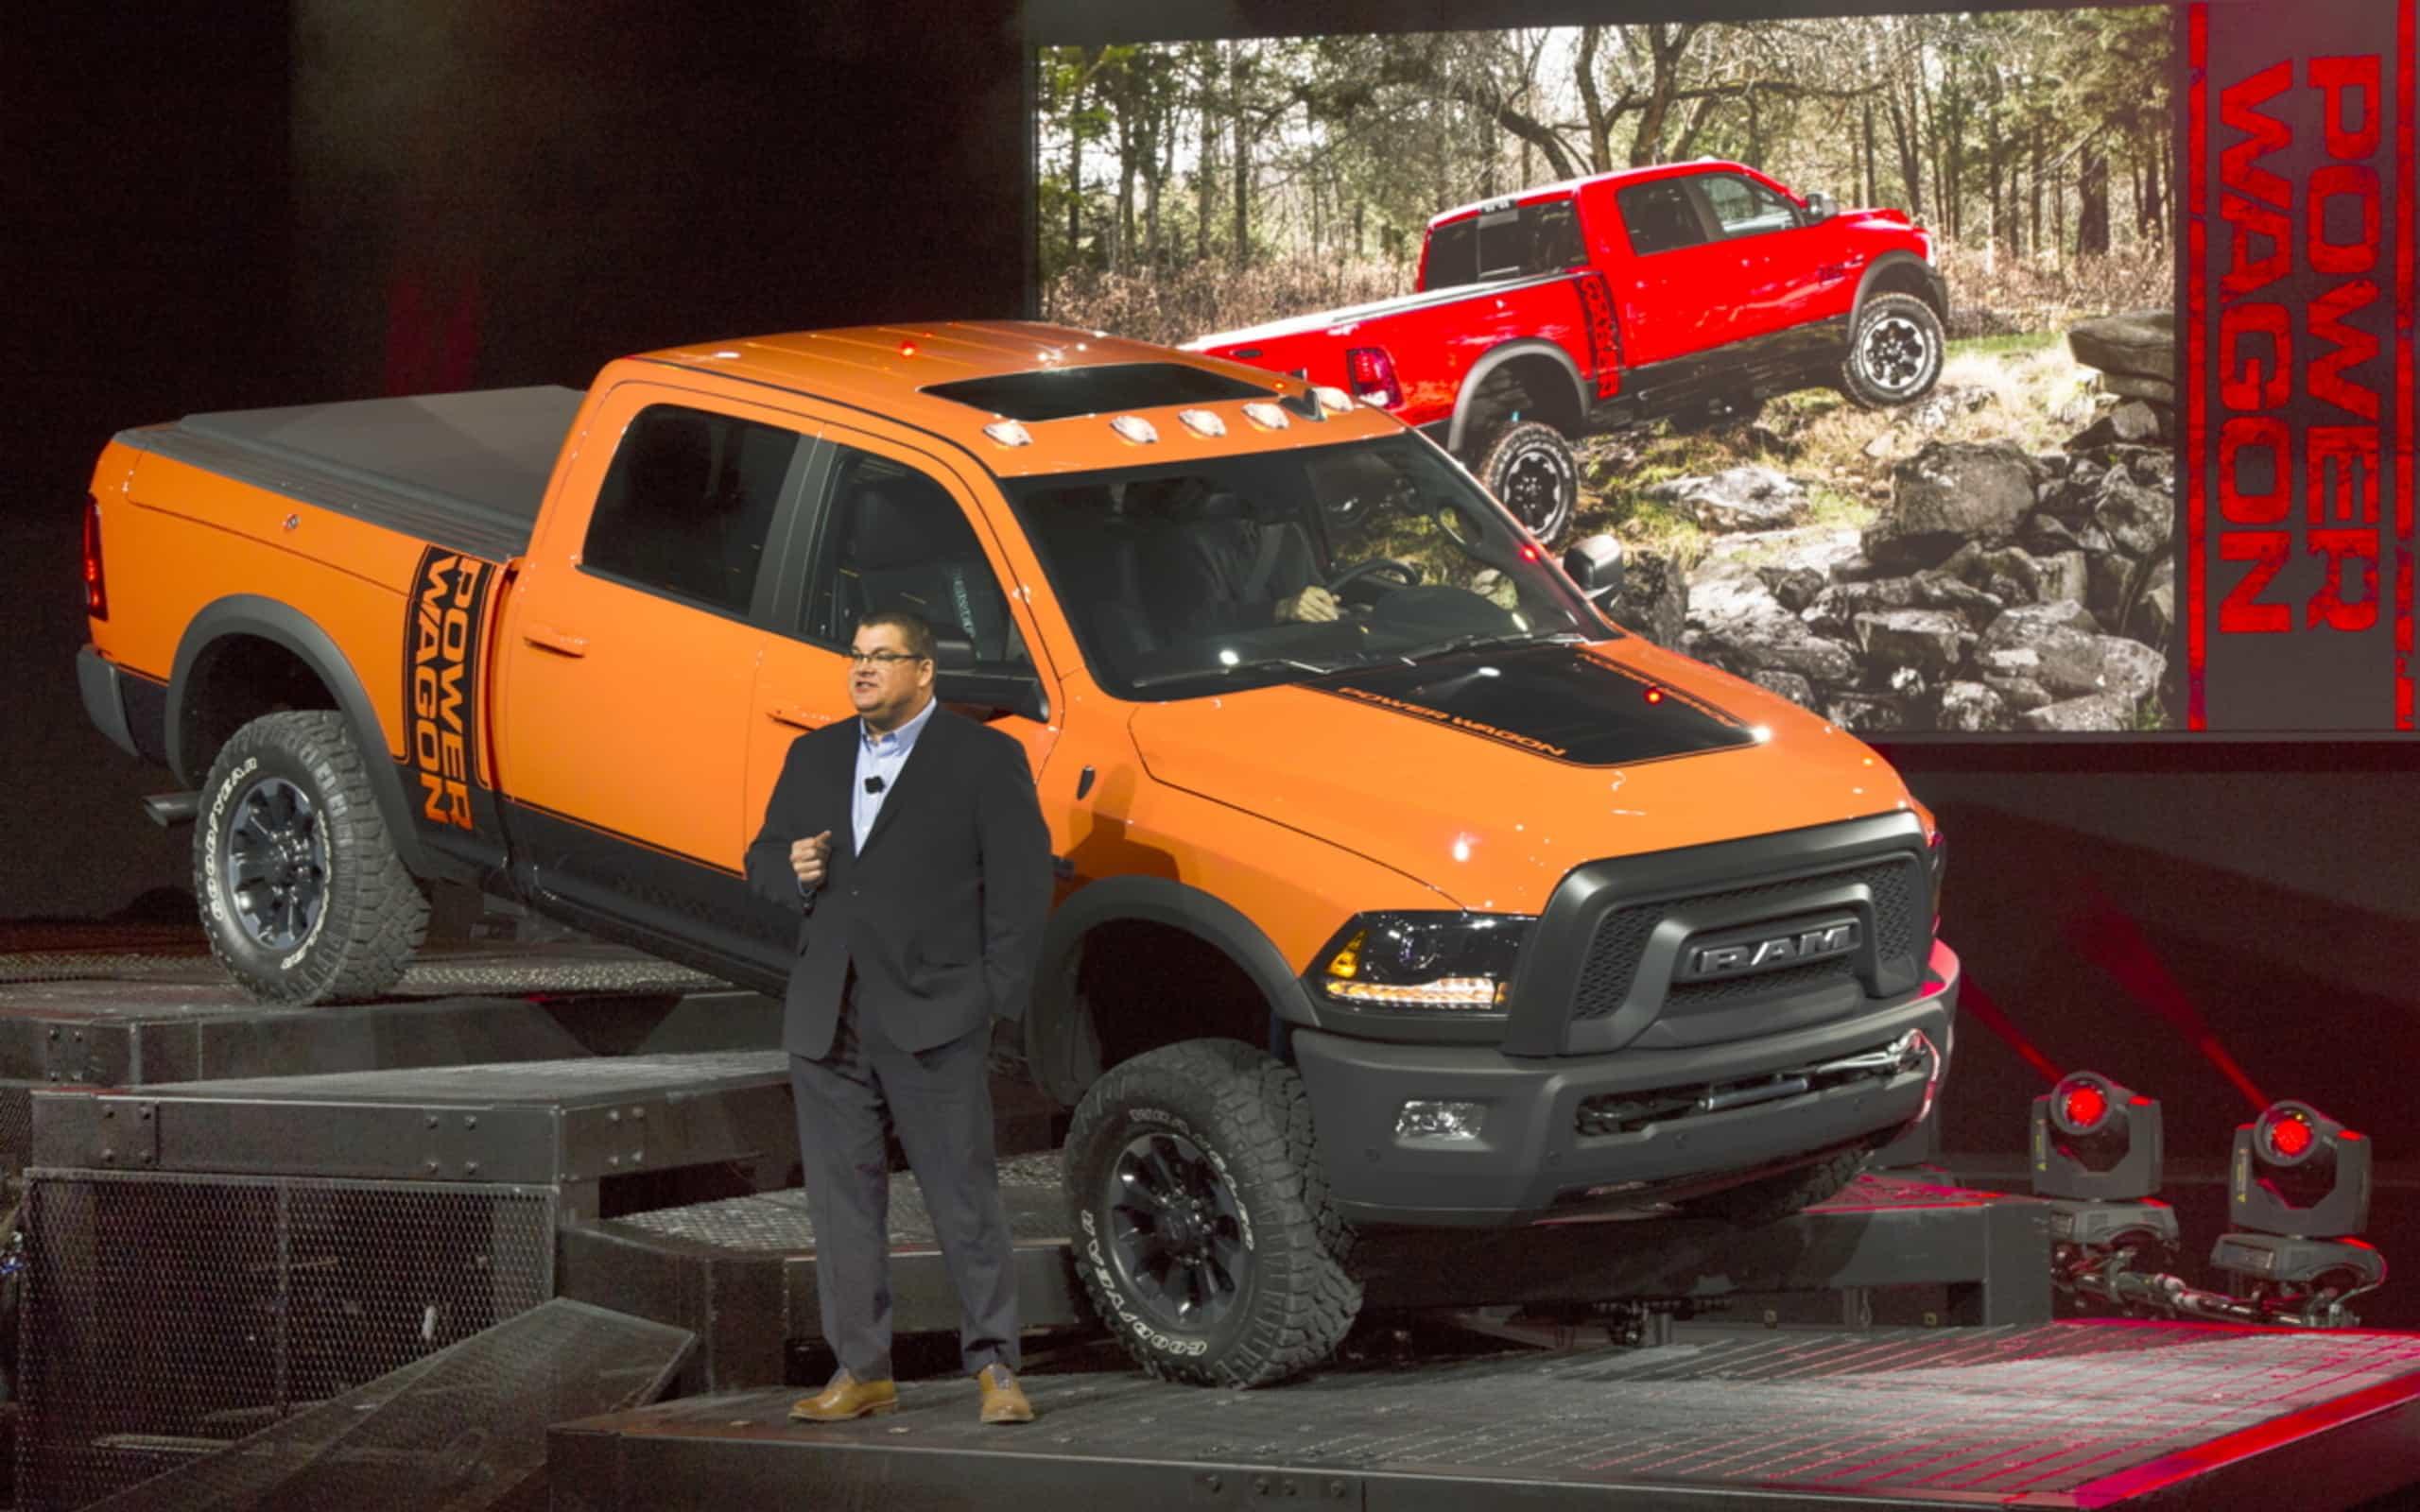 le power wagon 2017 compl te la gamme de camionnettes tout terrain ram le v hicule ultime. Black Bedroom Furniture Sets. Home Design Ideas